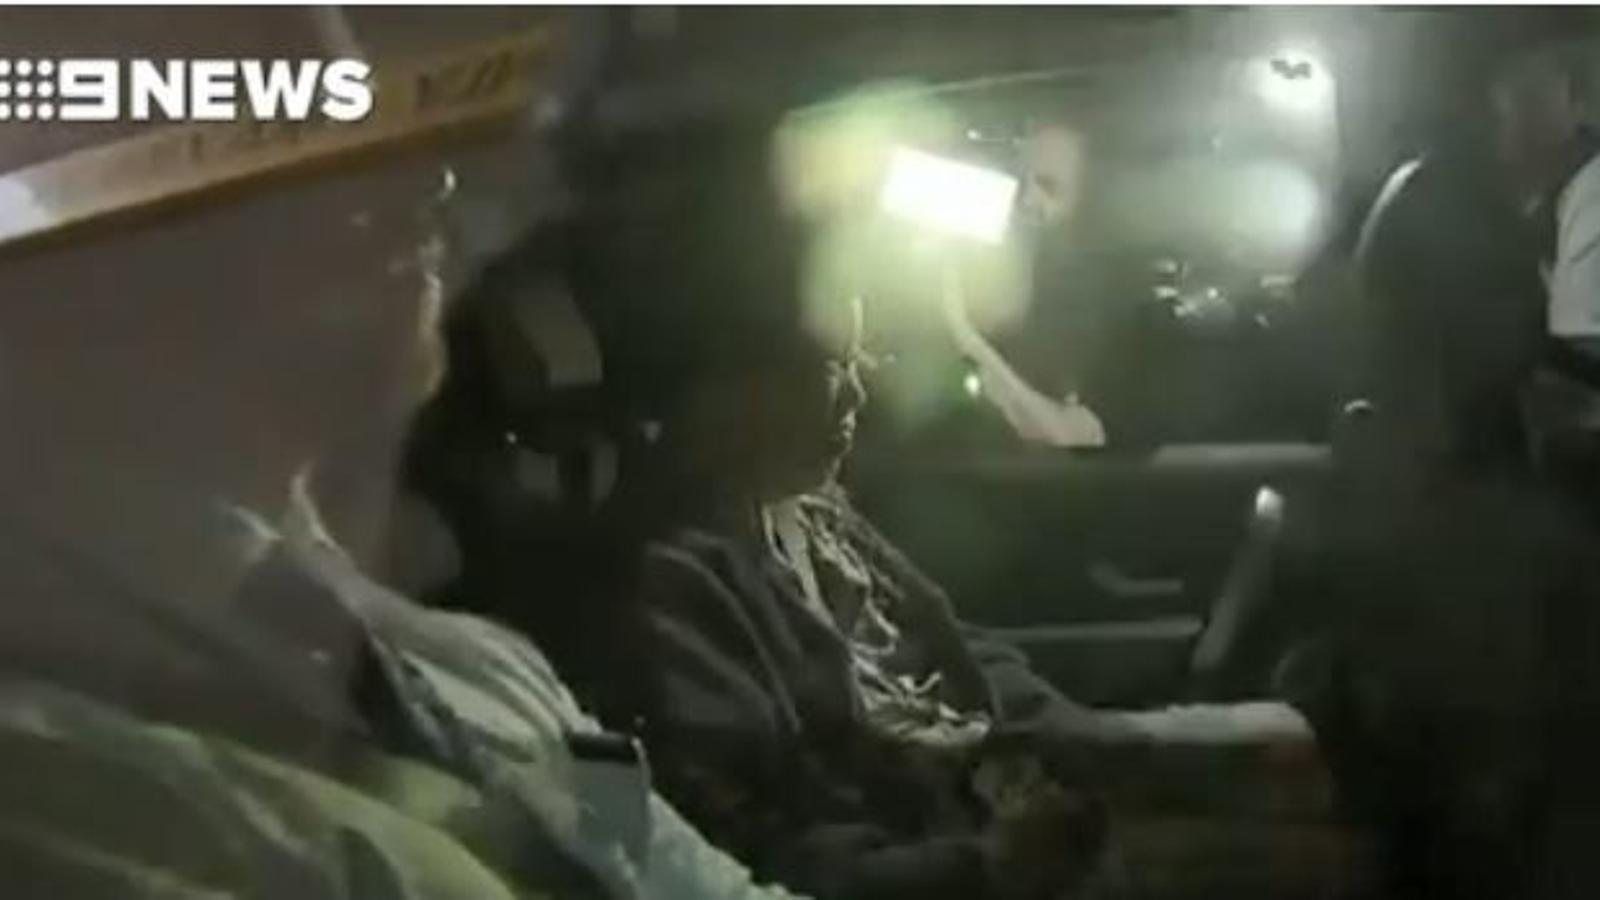 La dona detinguda surt del tribunal en un cotxe policial